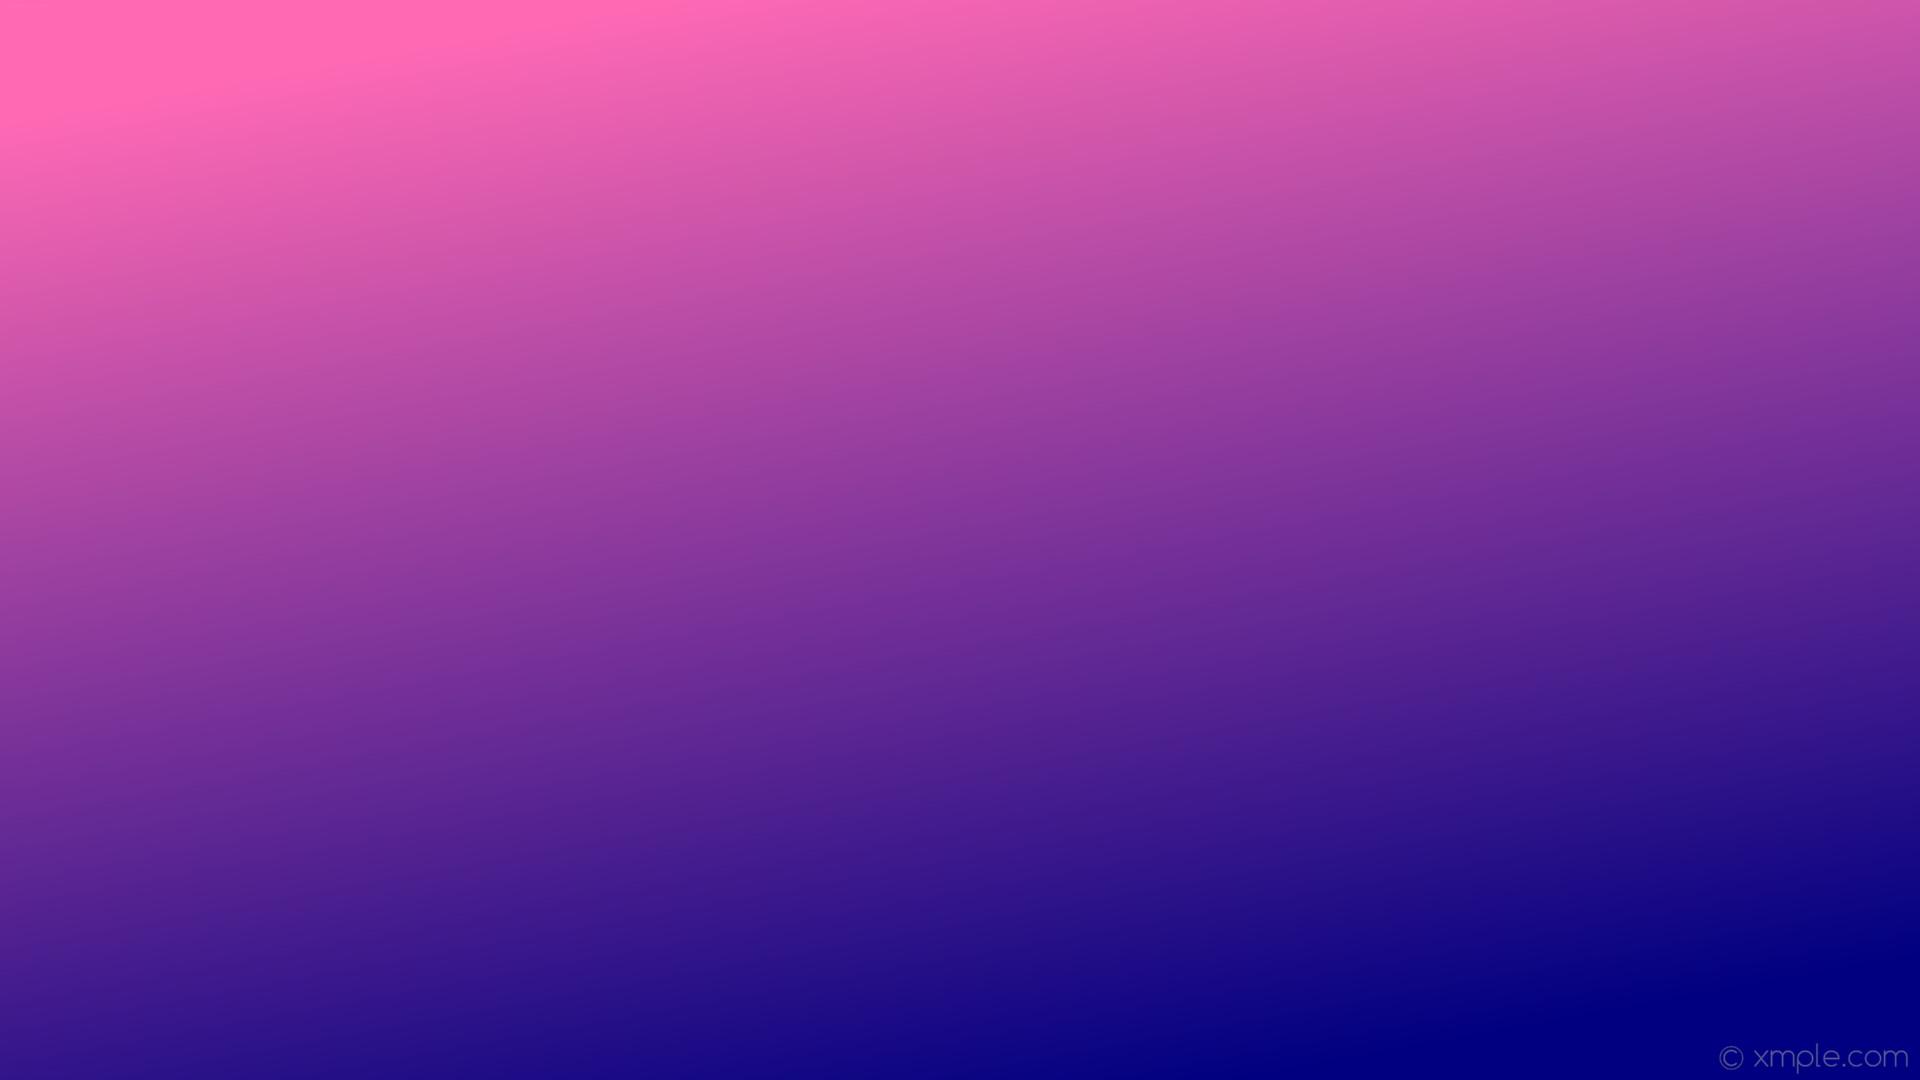 wallpaper gradient pink blue linear navy hot pink #000080 #ff69b4 300°